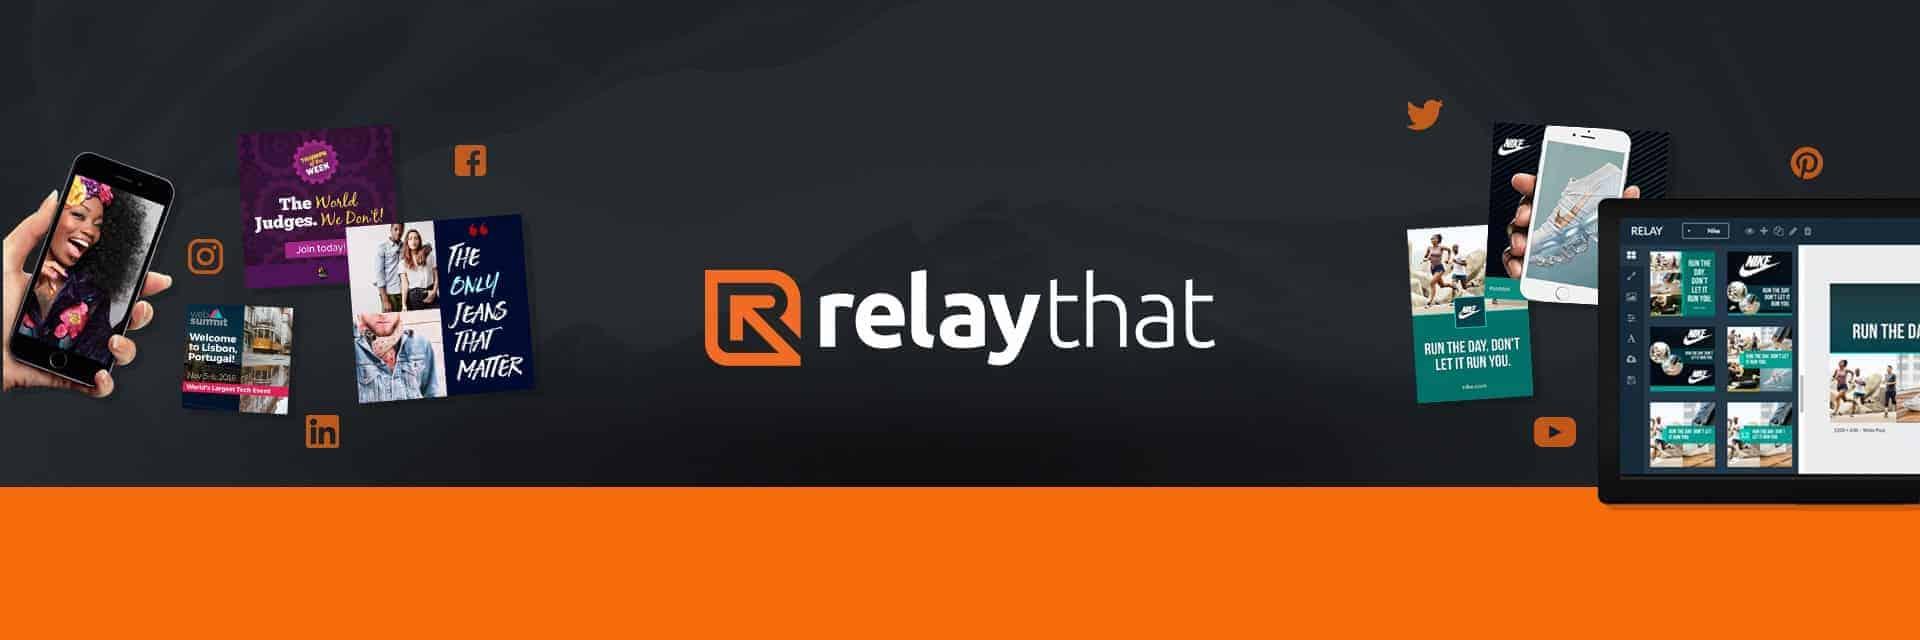 RelayThat-banner